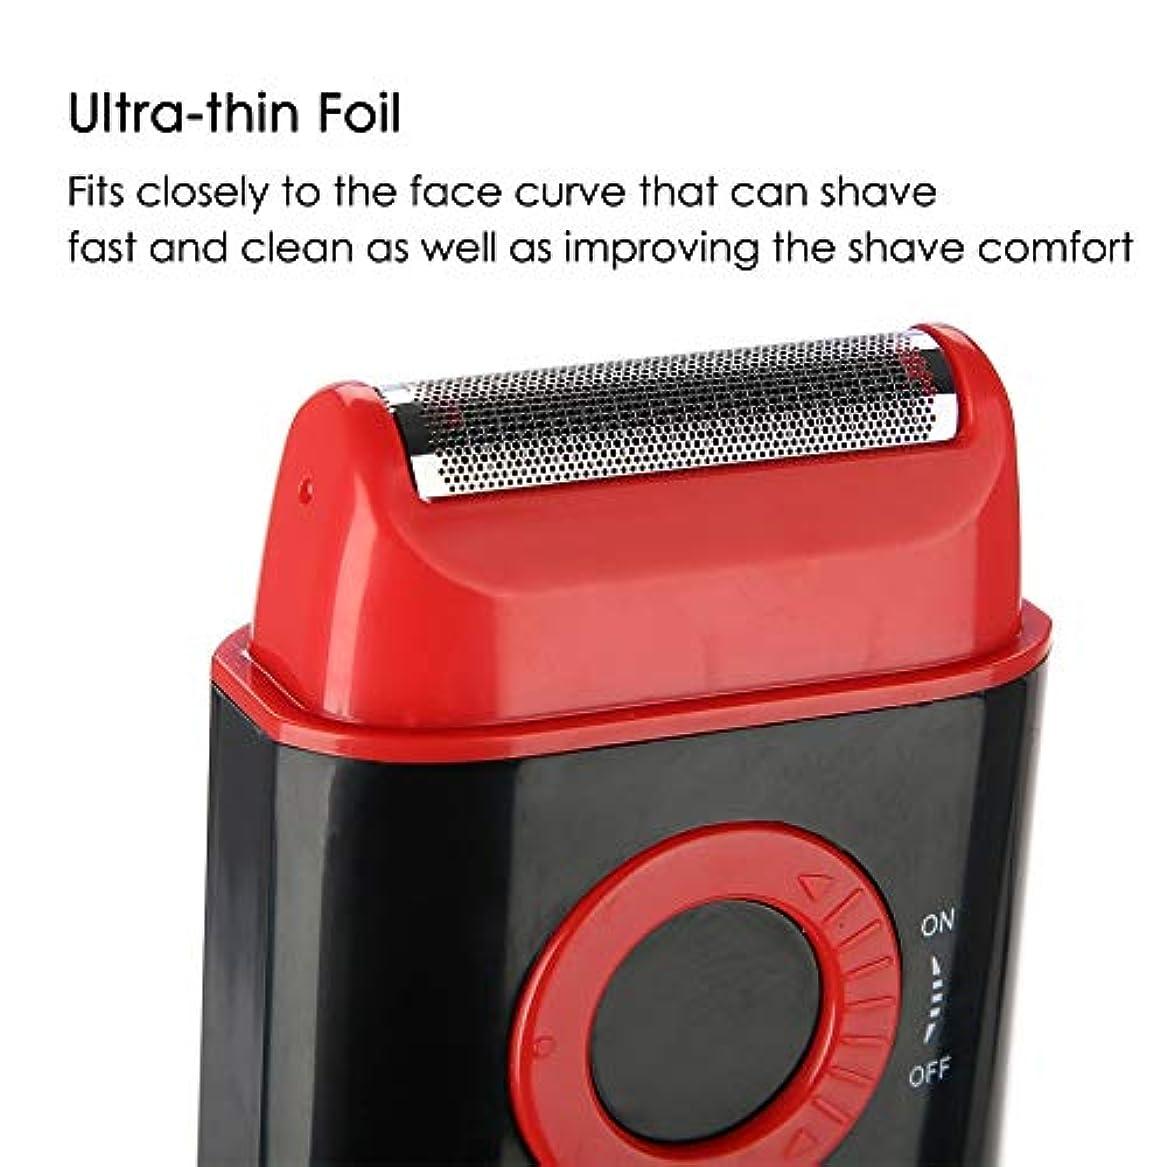 テーマクリップオーク電気シェーバー 剃刀 男性 超薄型箔ポップアップひげトリマー単3電池のパワーシェービングカミソリ (レッド)